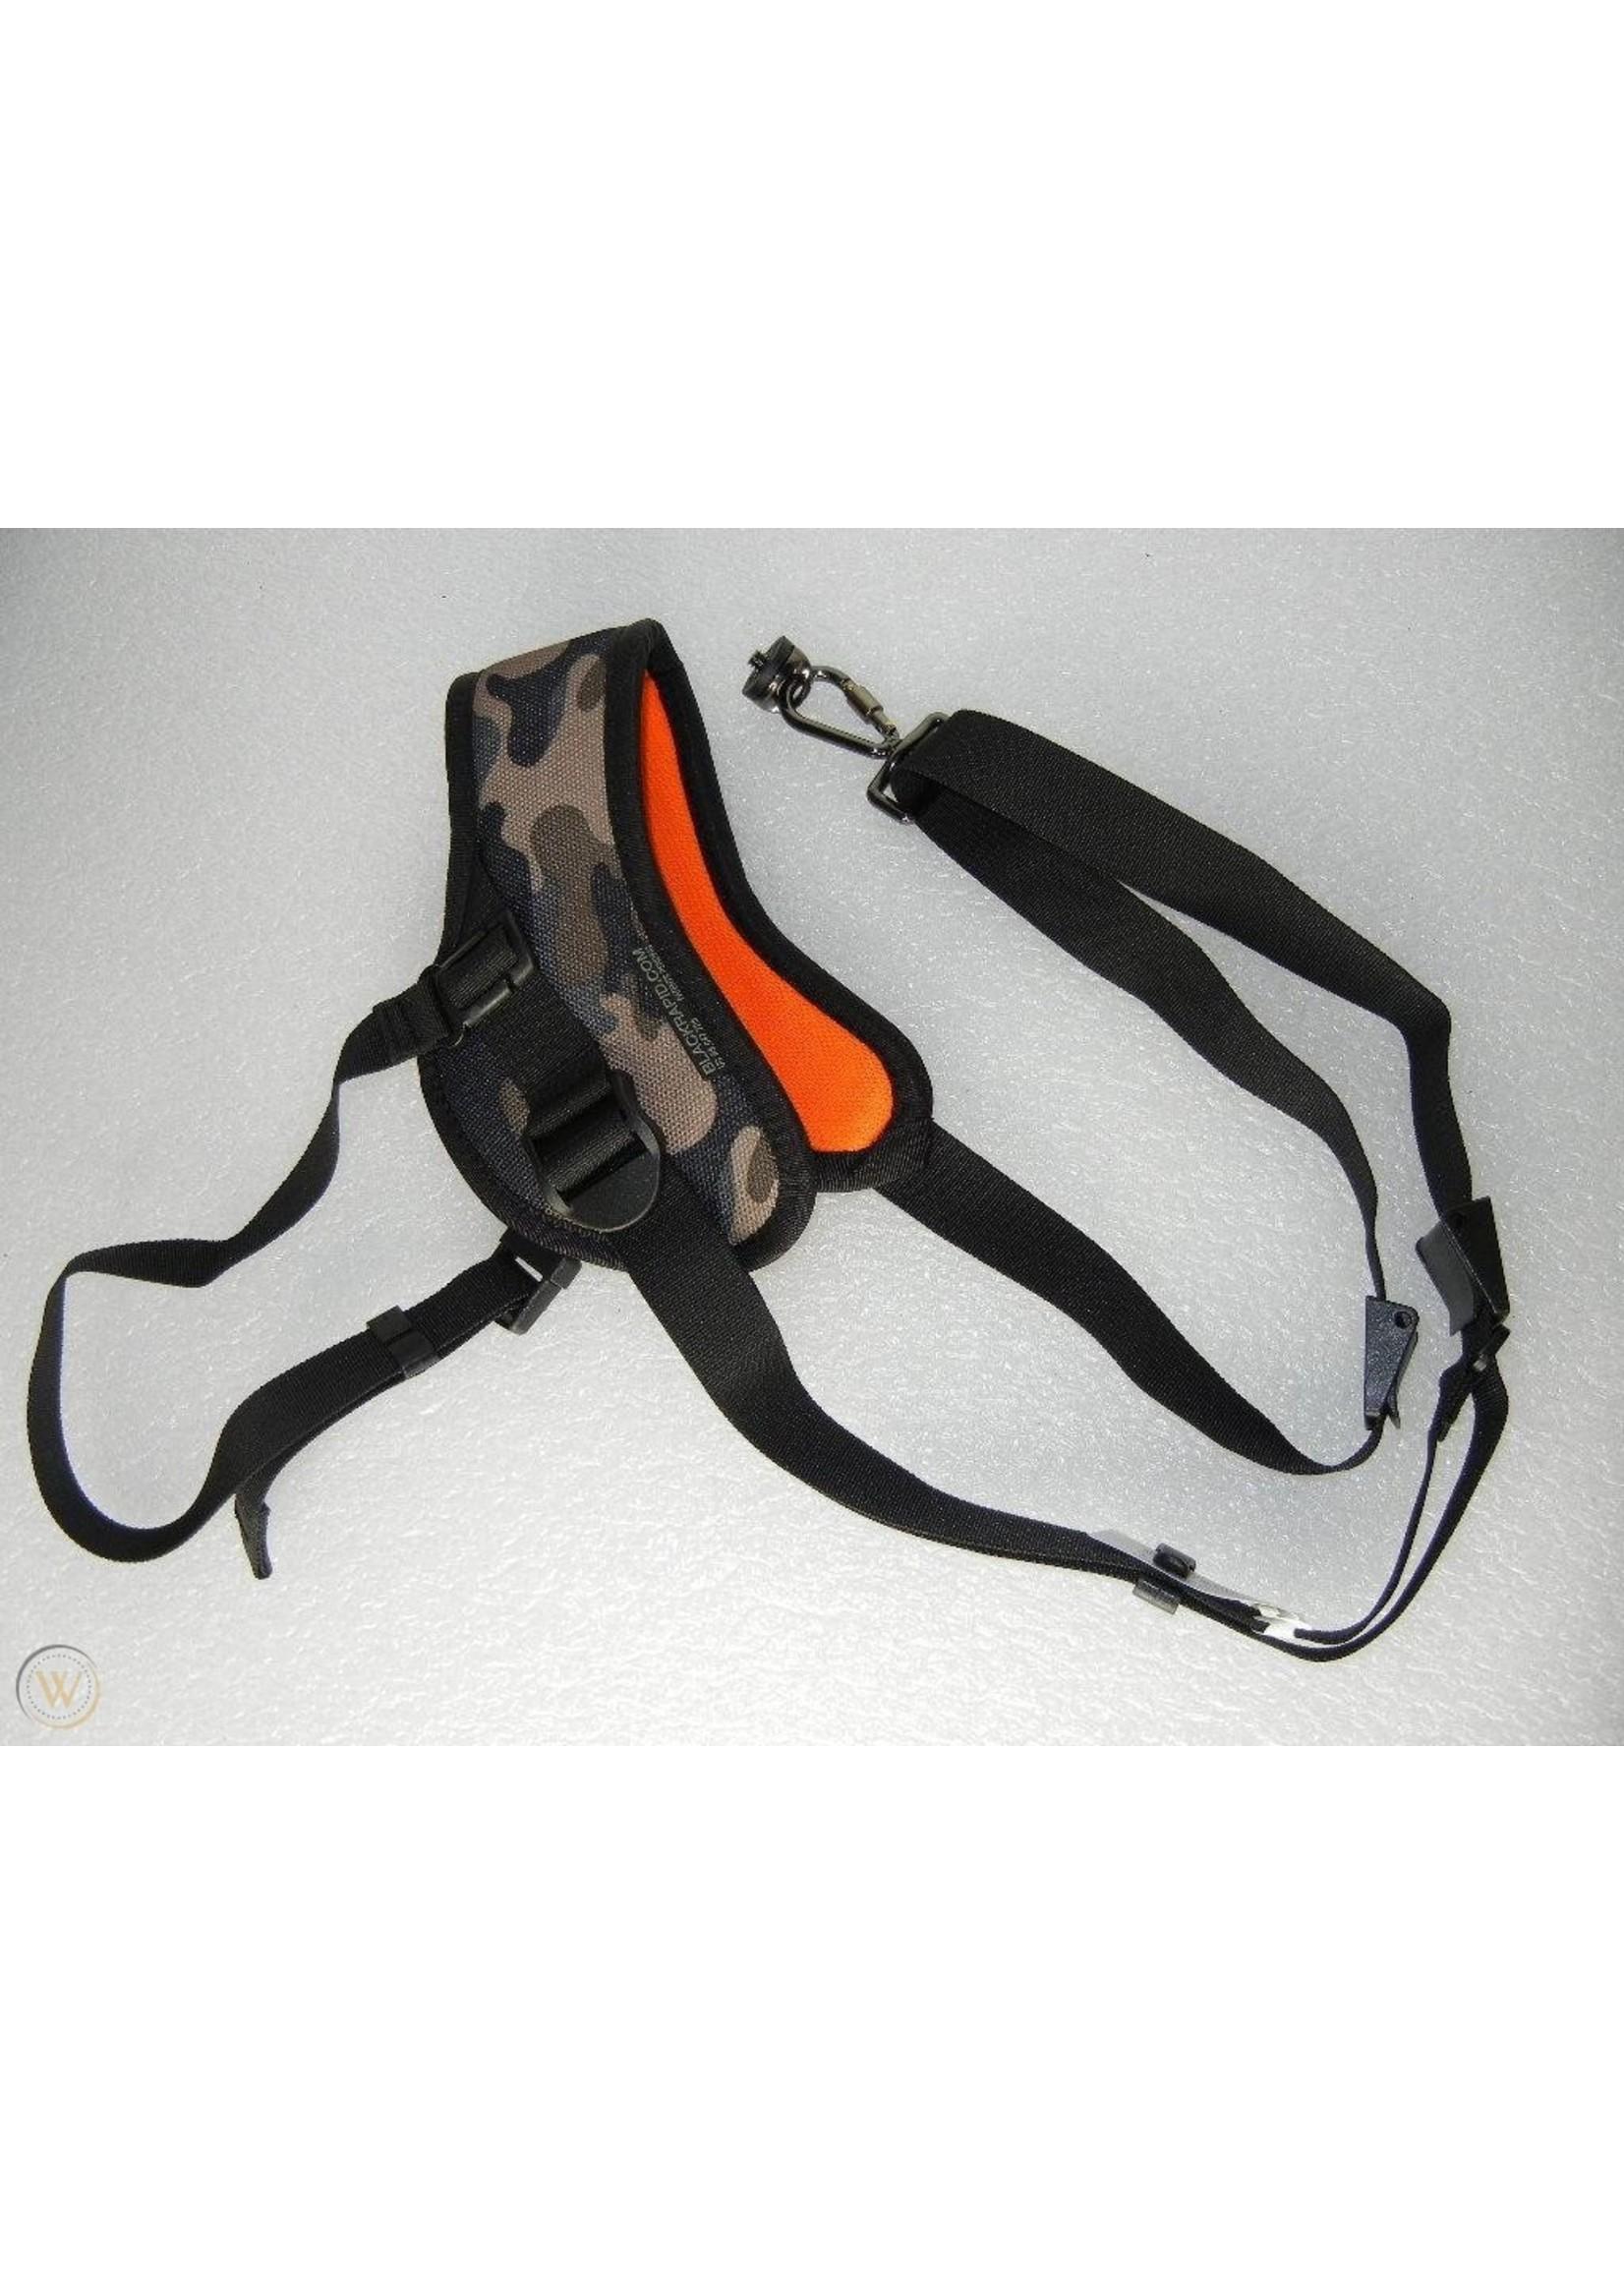 Black Rapid Sport Camo Camera Strap